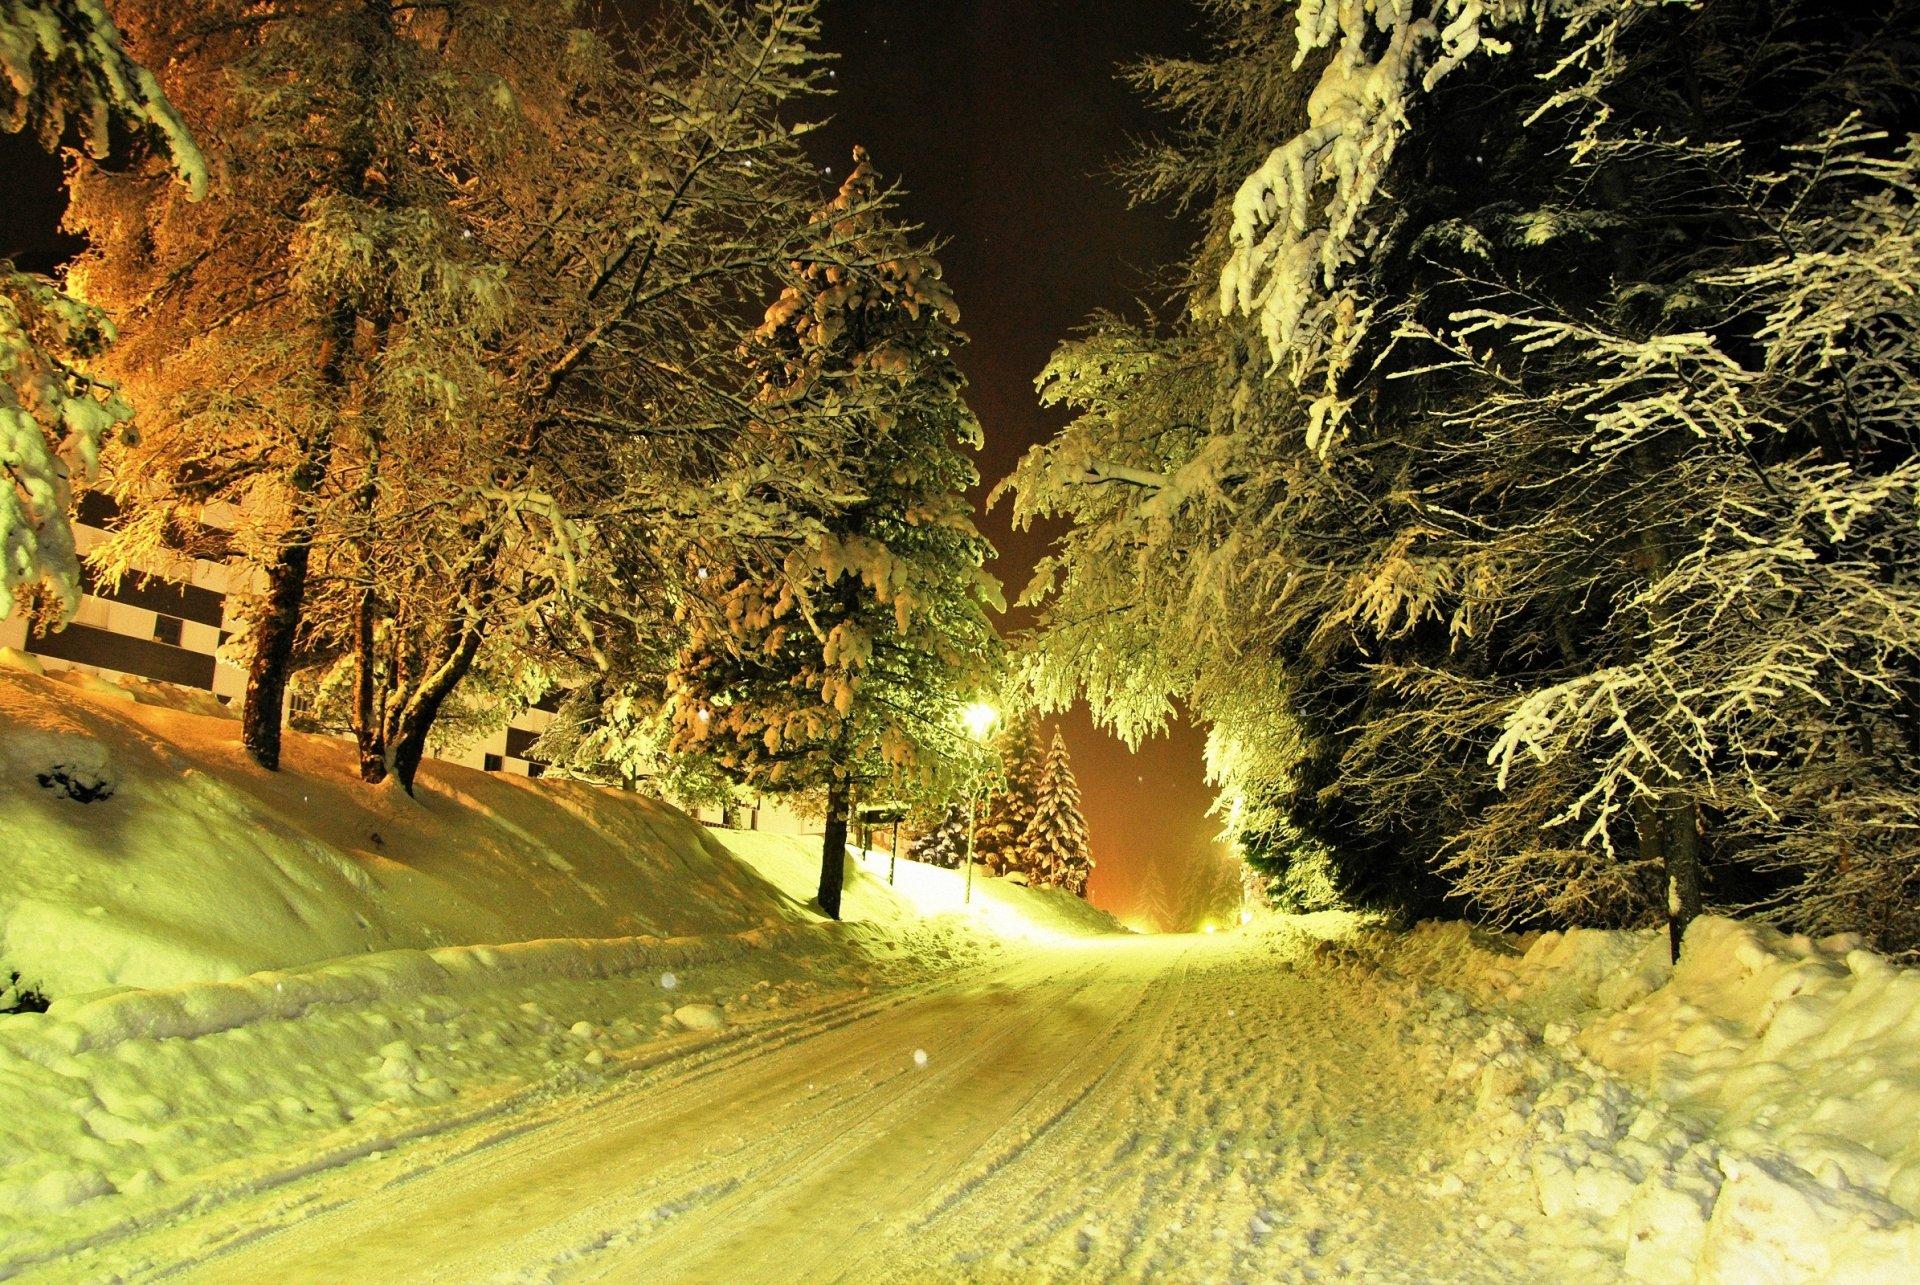 дубае местный картинки зима на телефон в хорошем качестве судя рекомендациям стилистов